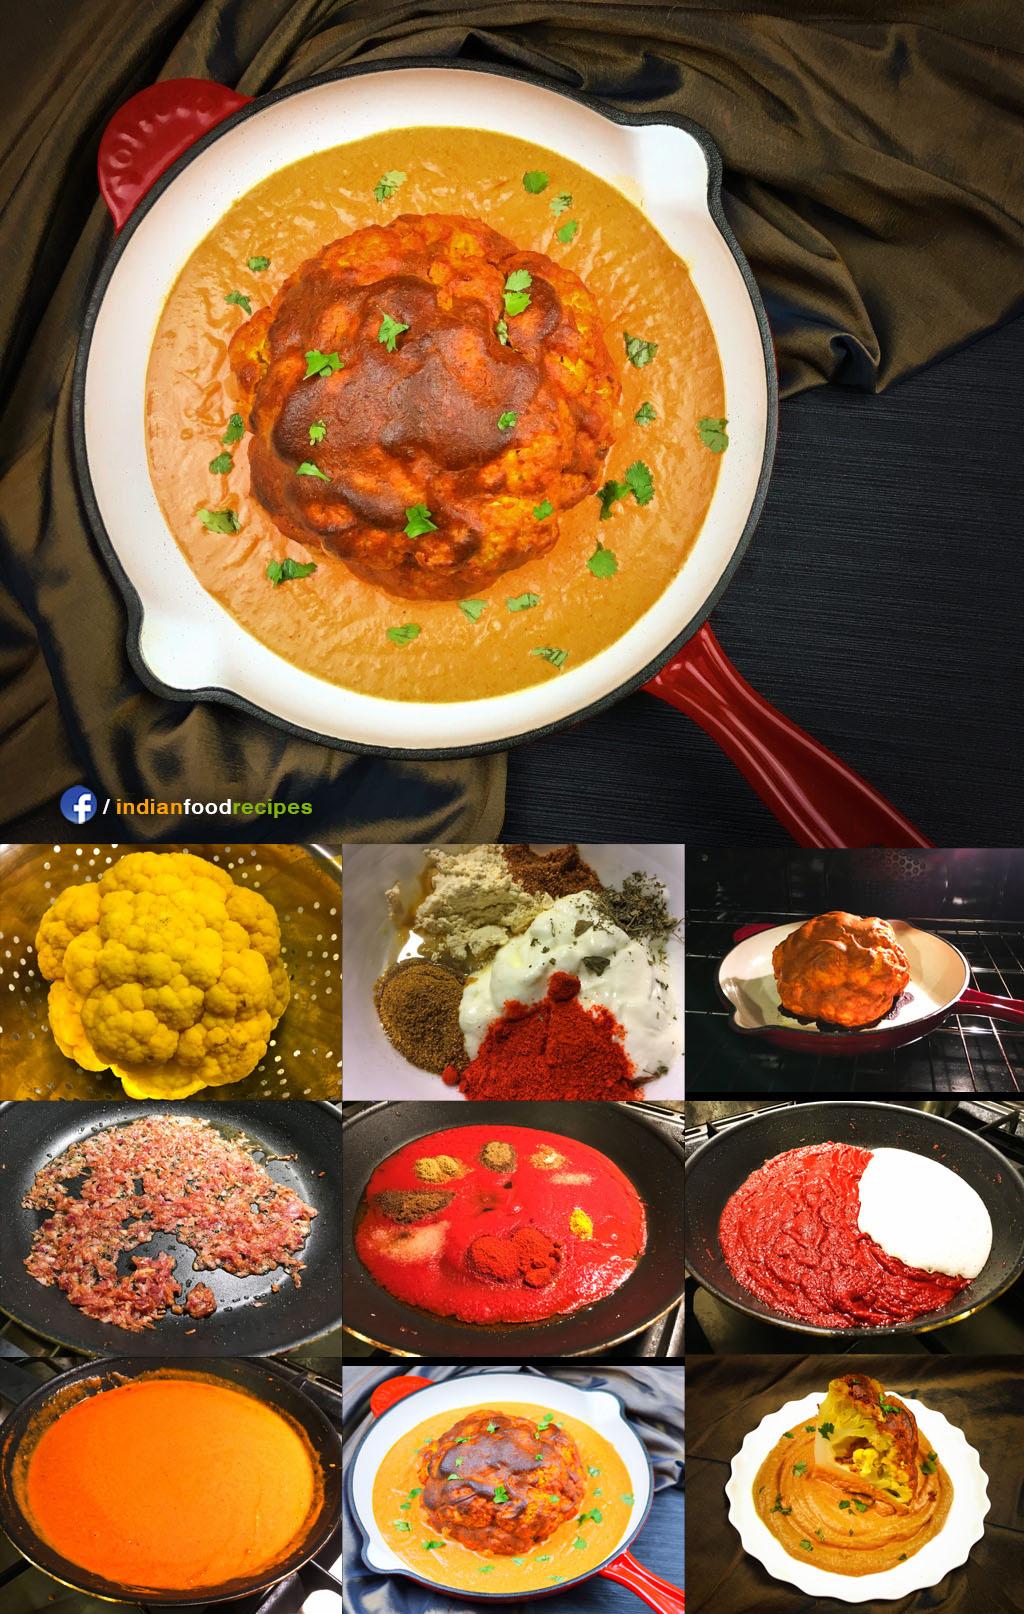 Shahi Gobi Mussallam (Mughlai Cuisine) recipe step by step pictures